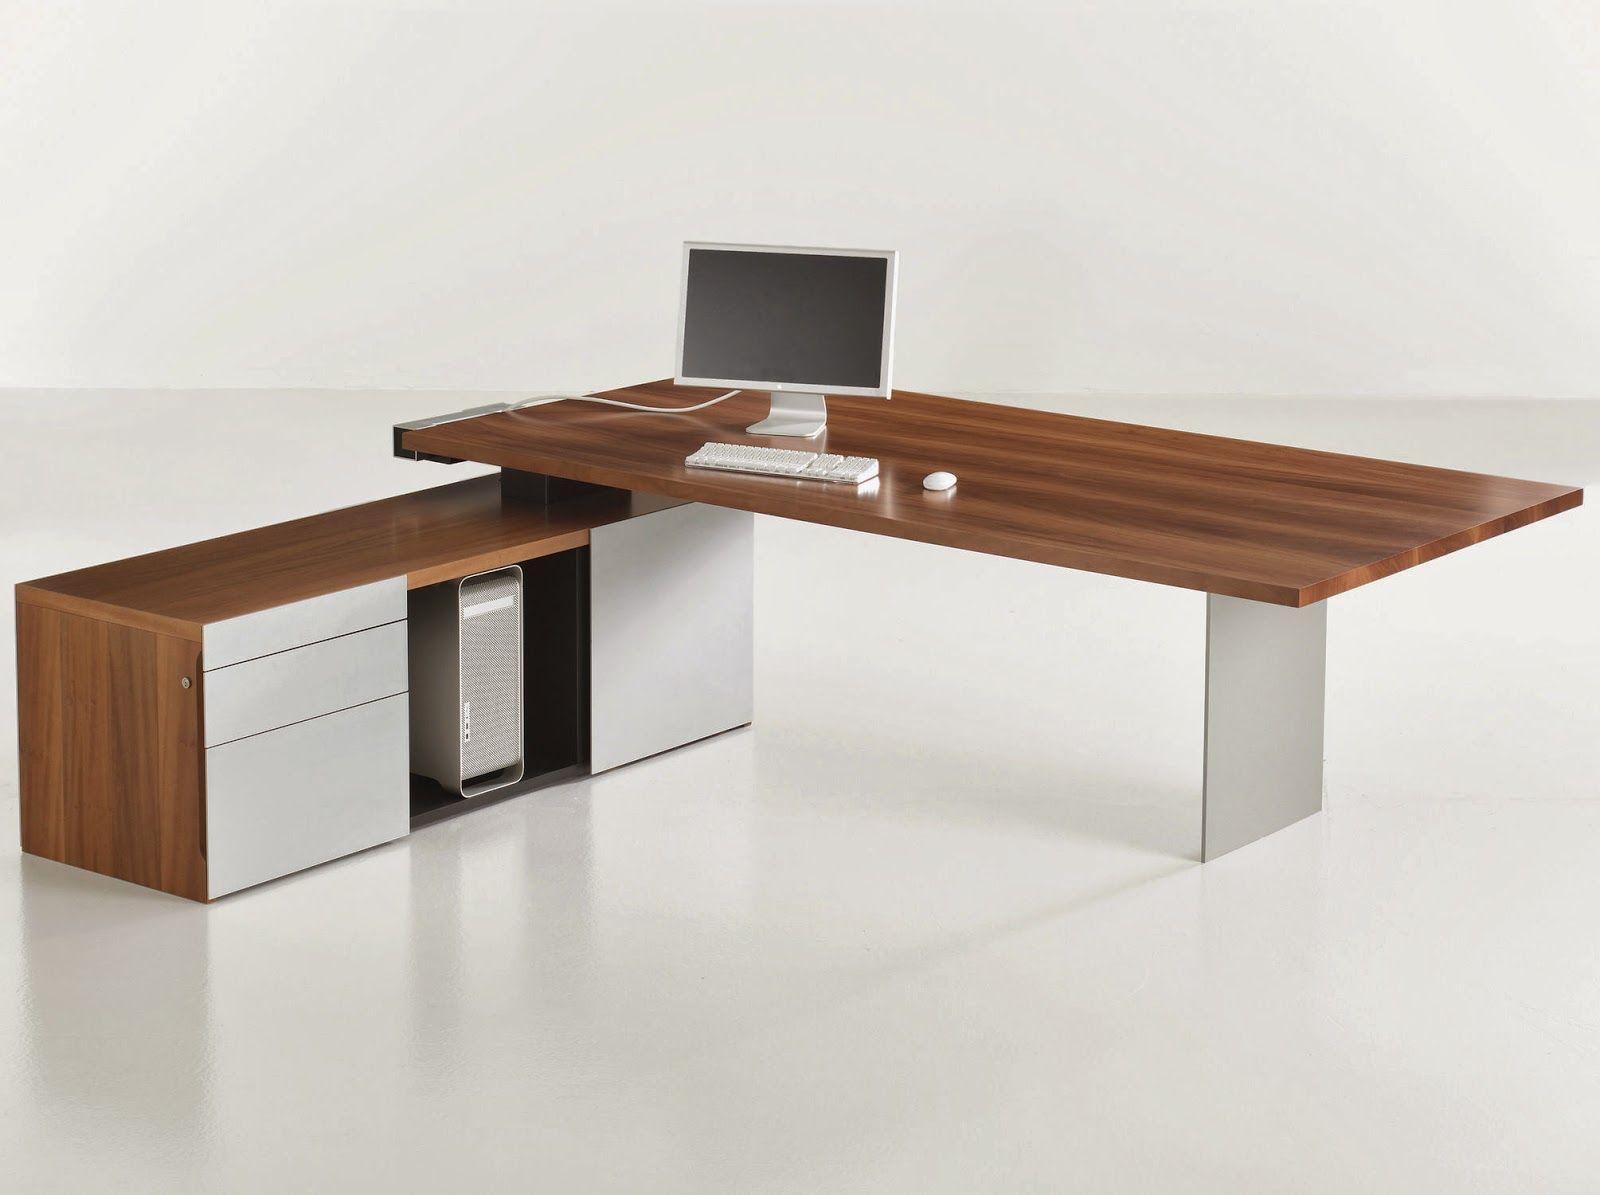 Escritorios modernos buscar con google escritorios for Diseno de muebles de oficina modernos